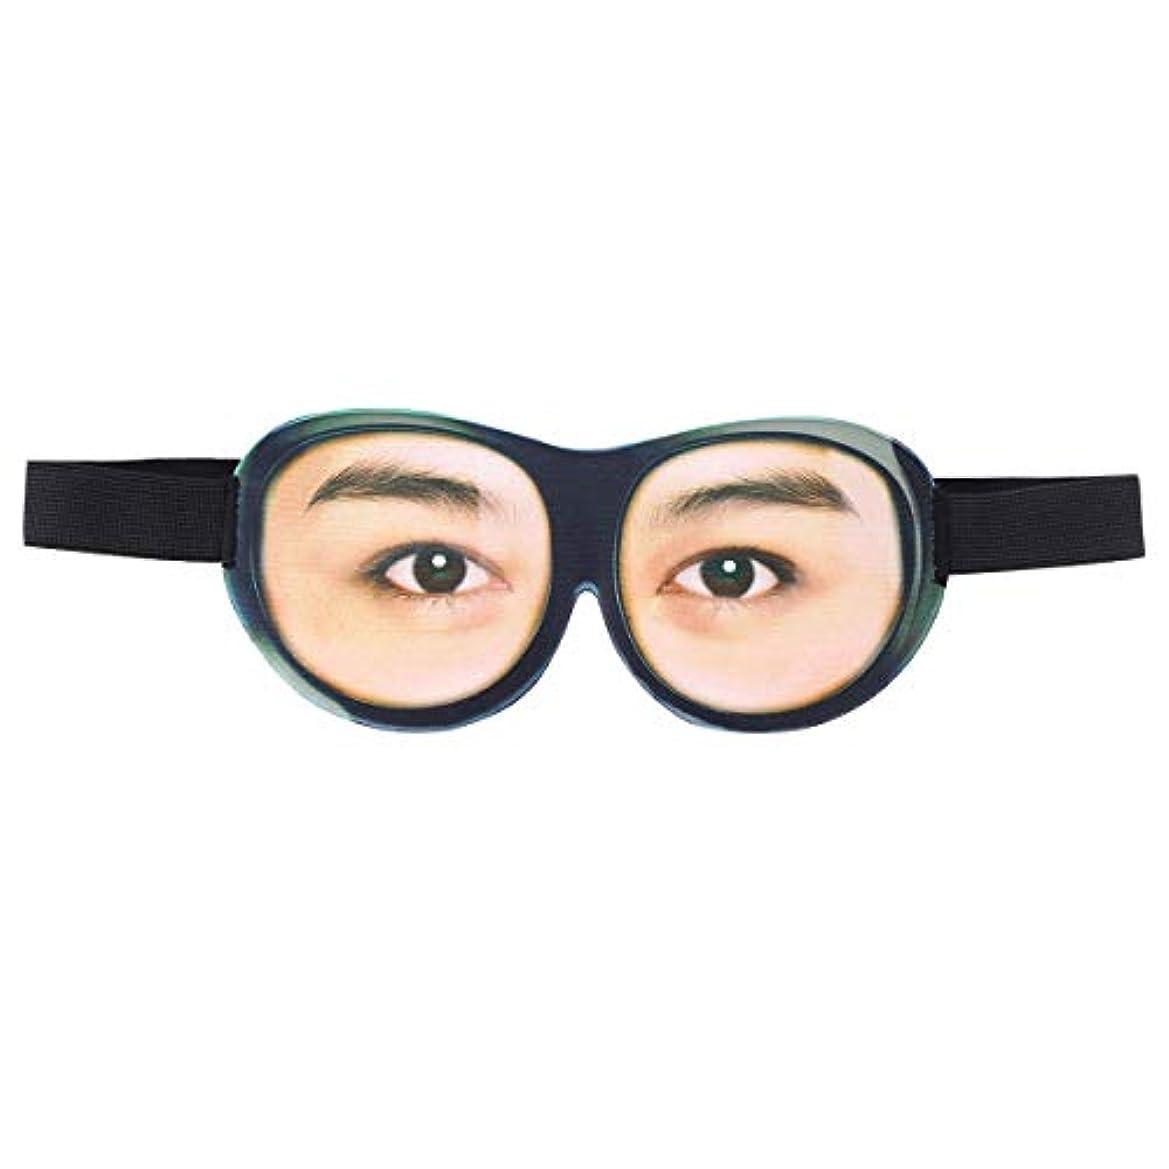 Healifty 3D面白いアイシェード睡眠マスク旅行アイマスク目隠し睡眠ヘルパーアイシェード男性女性旅行昼寝と深い眠り(優しいふりをする)